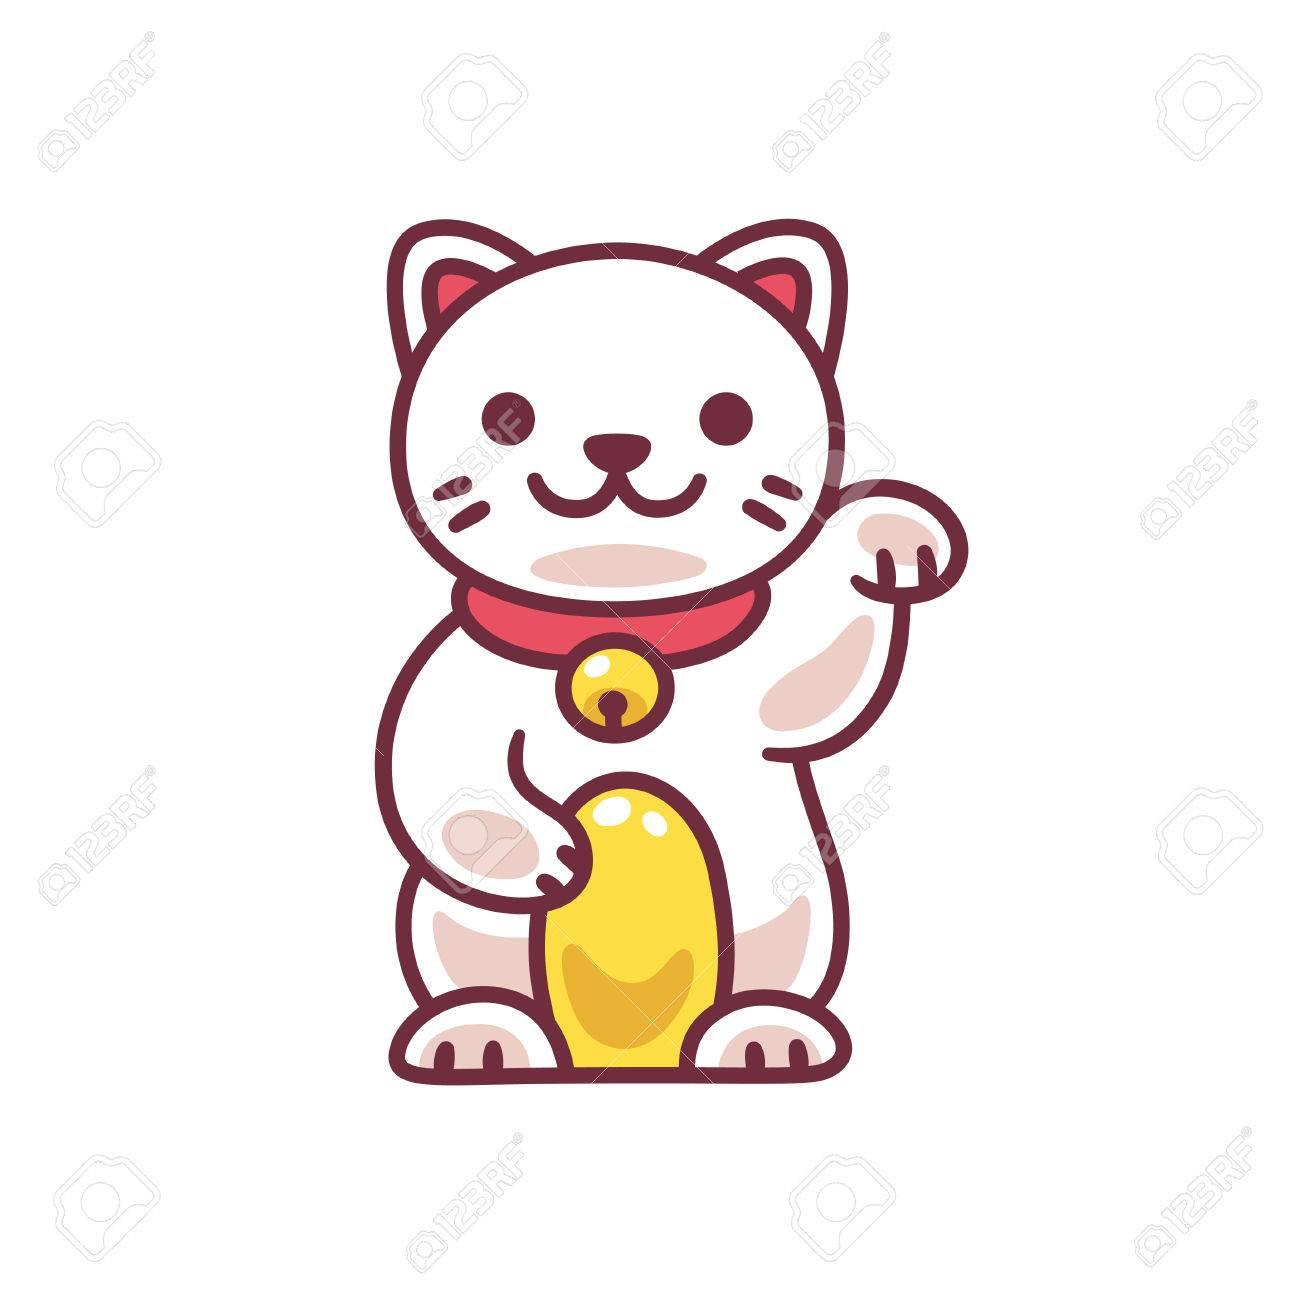 Dessin animé mignon Maneki Neko, chat porte,bonheur japonais. Dessin  vectoriel adorable de bonne chance Feng Shui kitty.